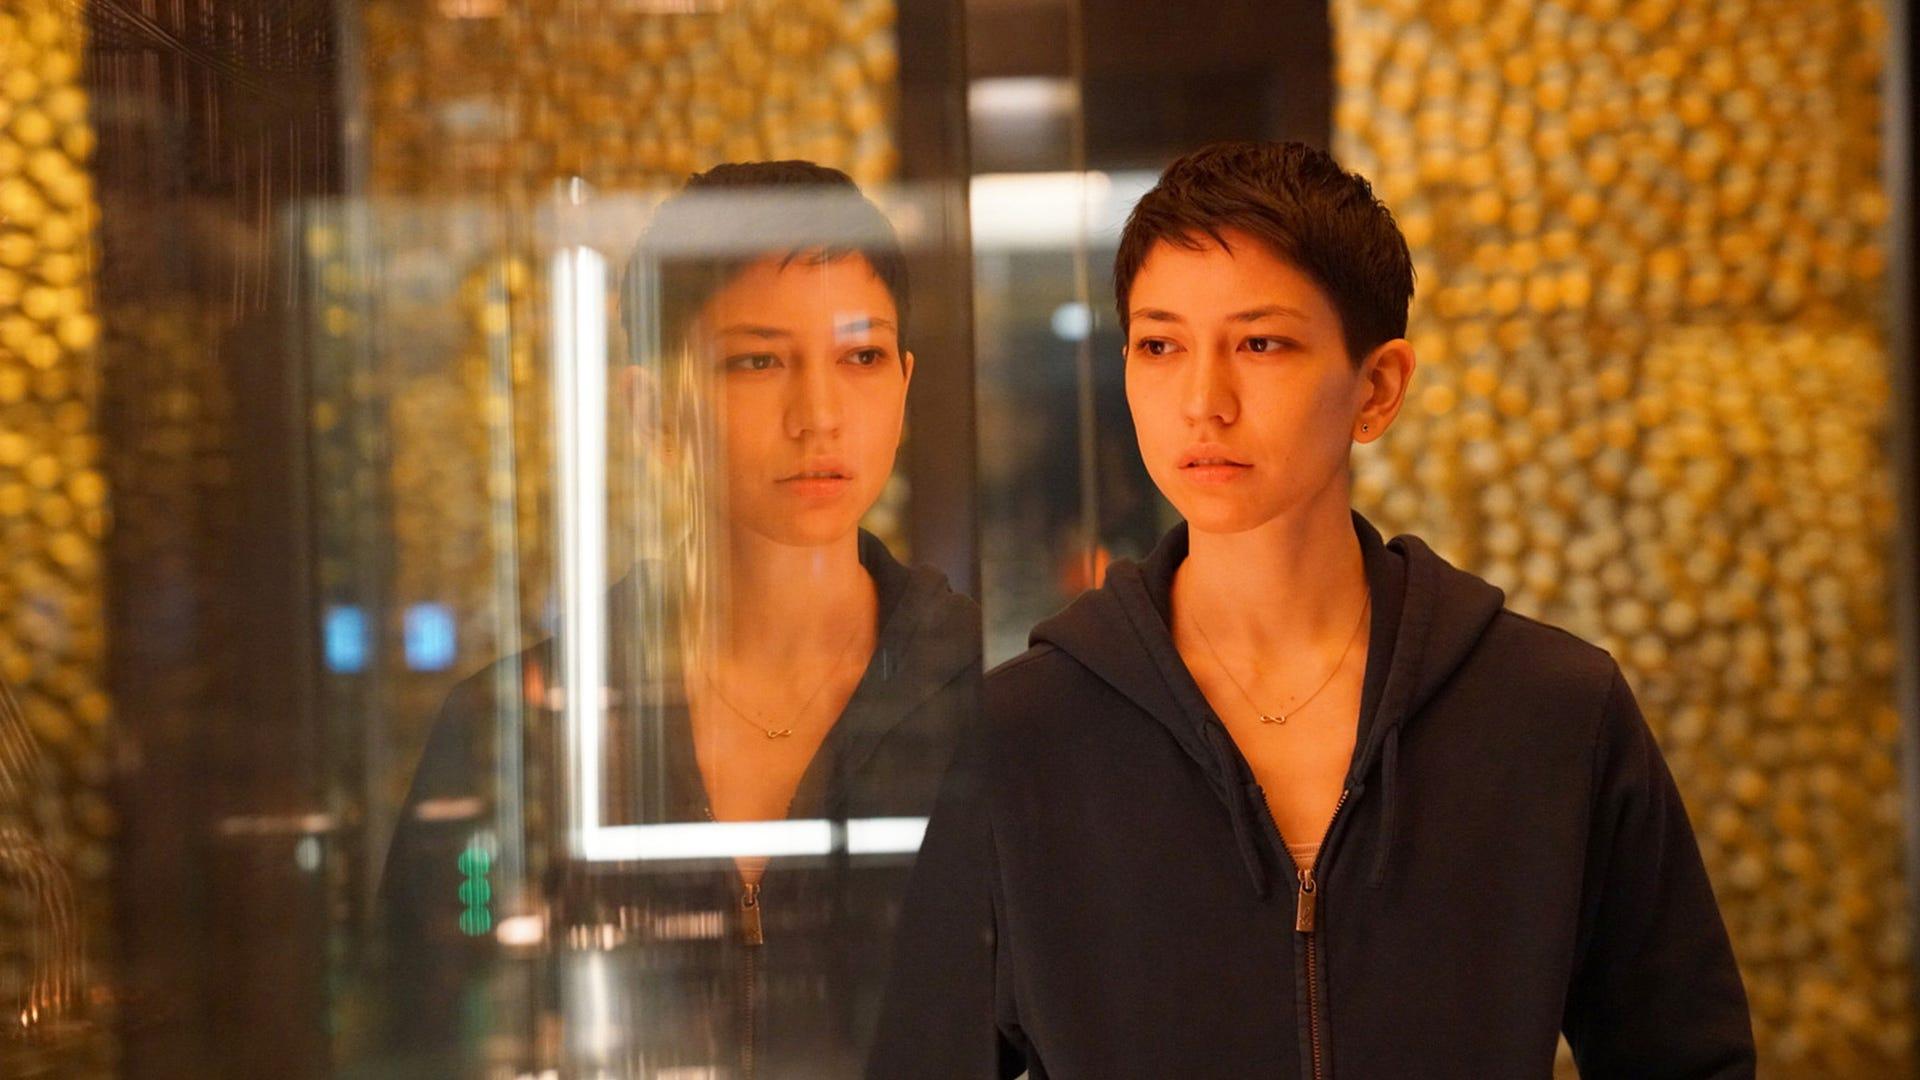 Sonoya Mizuno as Lily Chan, Devs